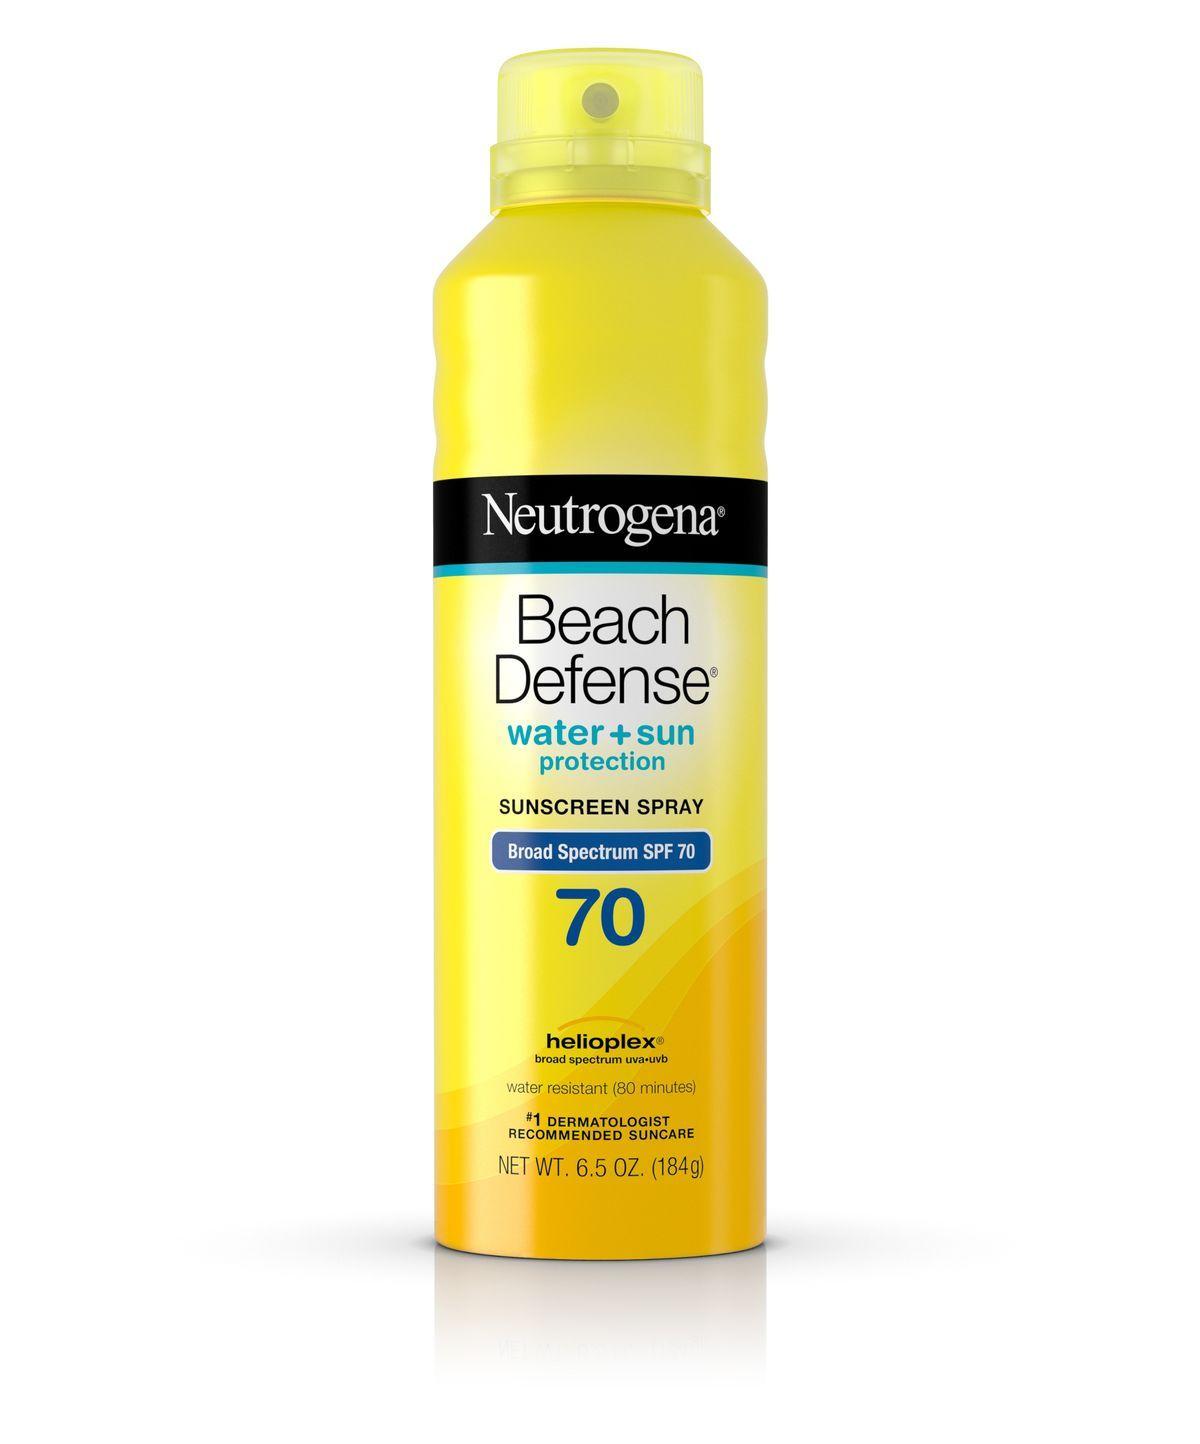 Beach Defense® Spray Sunscreen SPF 70 Neutrogena